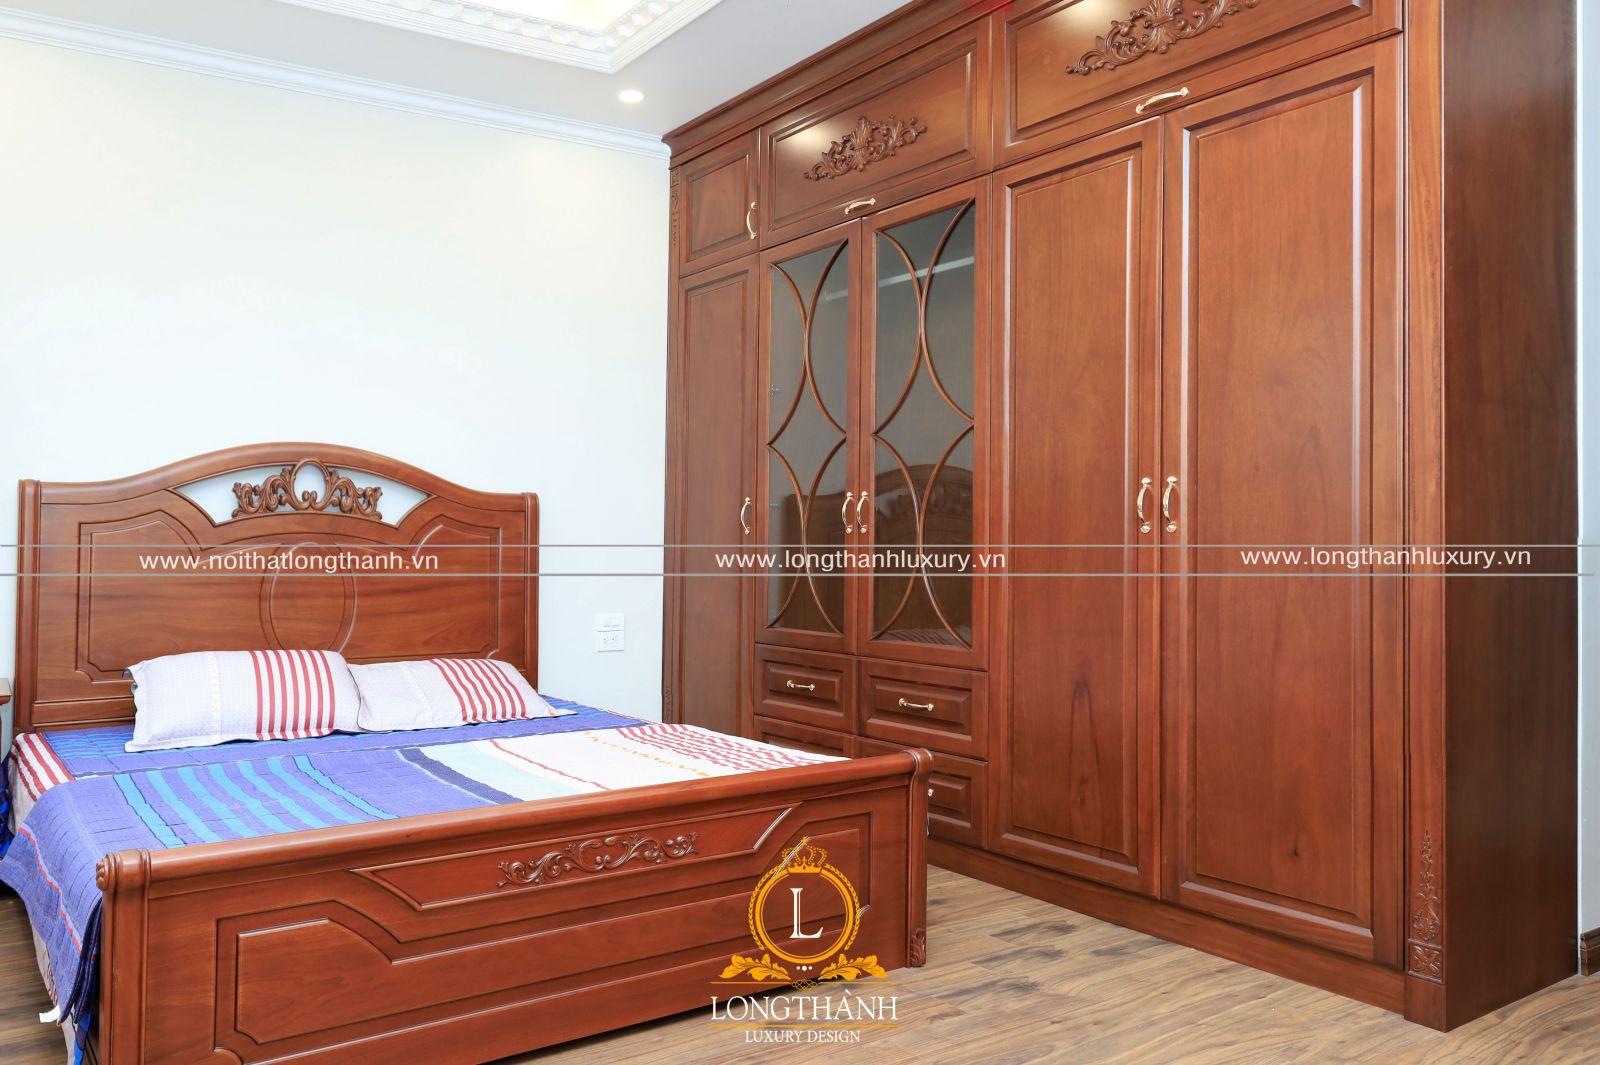 Phòng ngủ con đơn giản những vẫn đầy đủ công năng